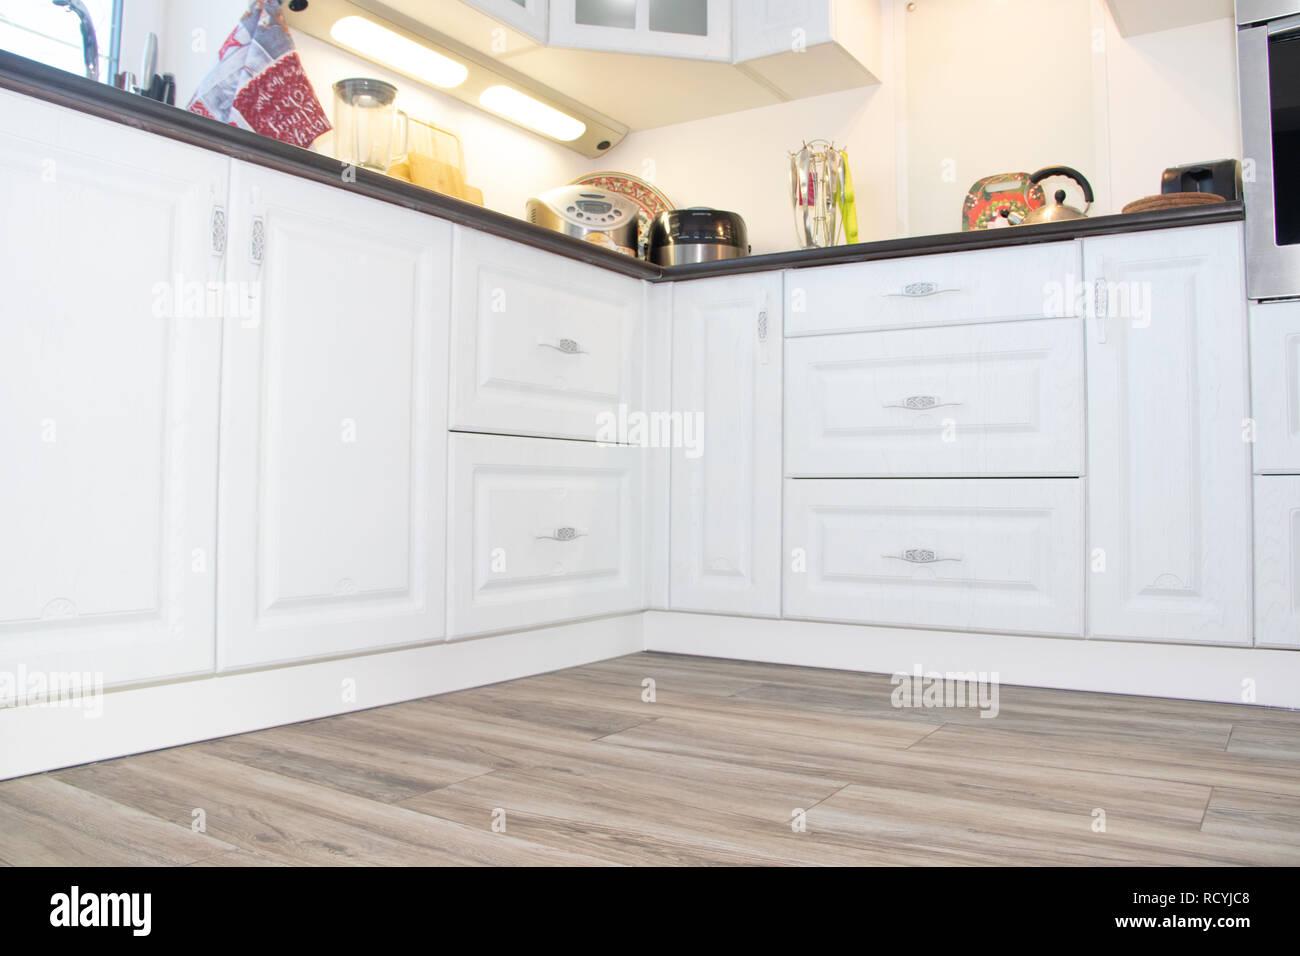 Weiße Küche. Küche aus Holz. Moderne Möbel und Küche Interieur ...